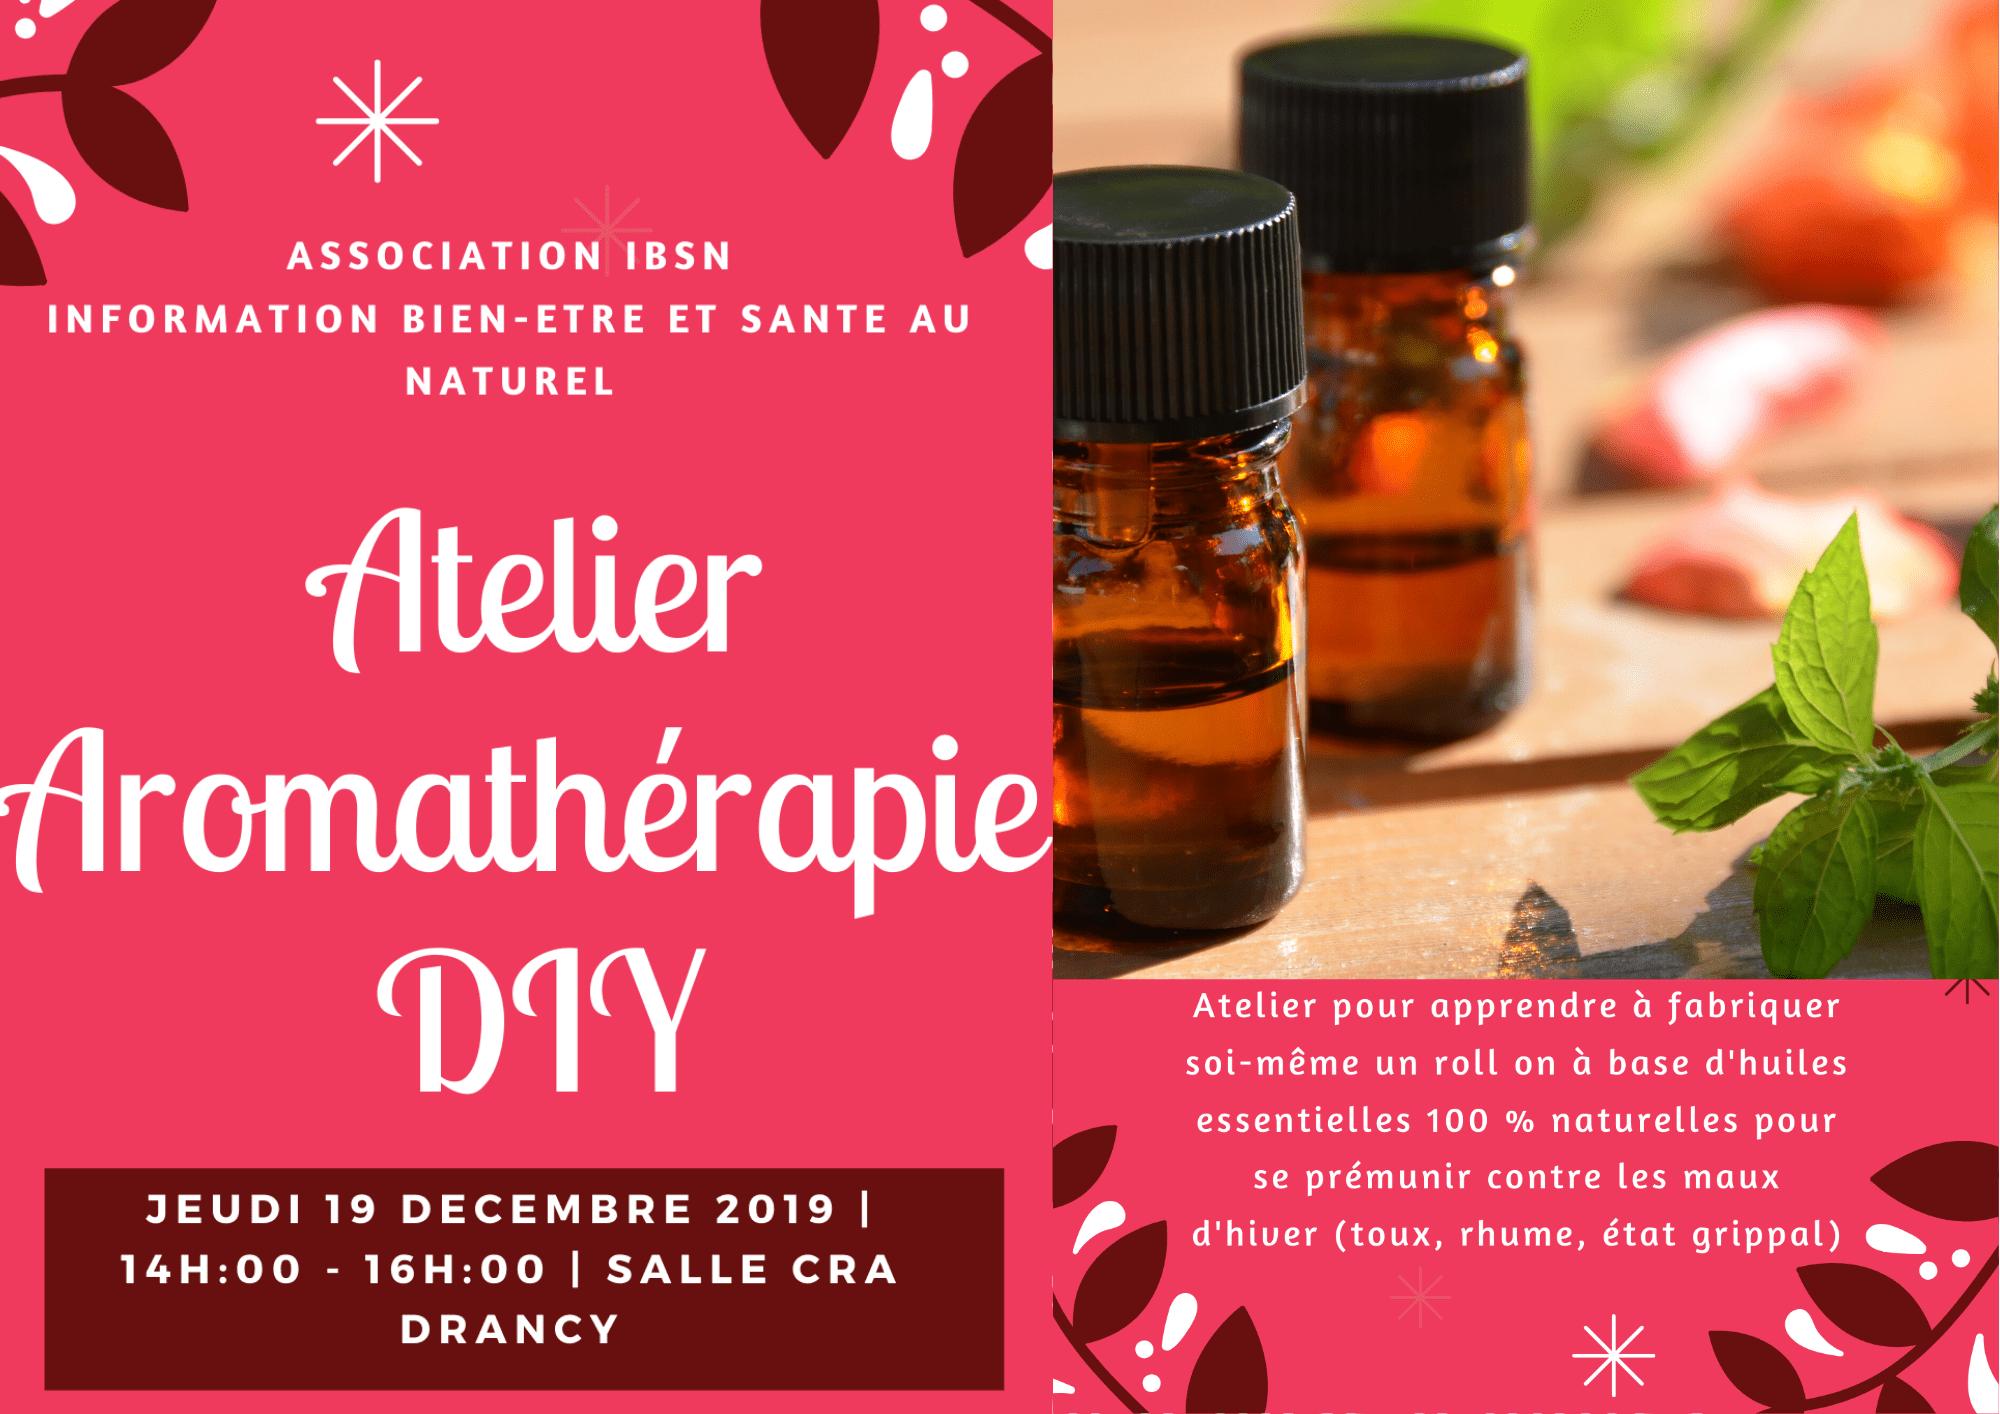 Atelier Aromathérapie – 19 Décembre 2019